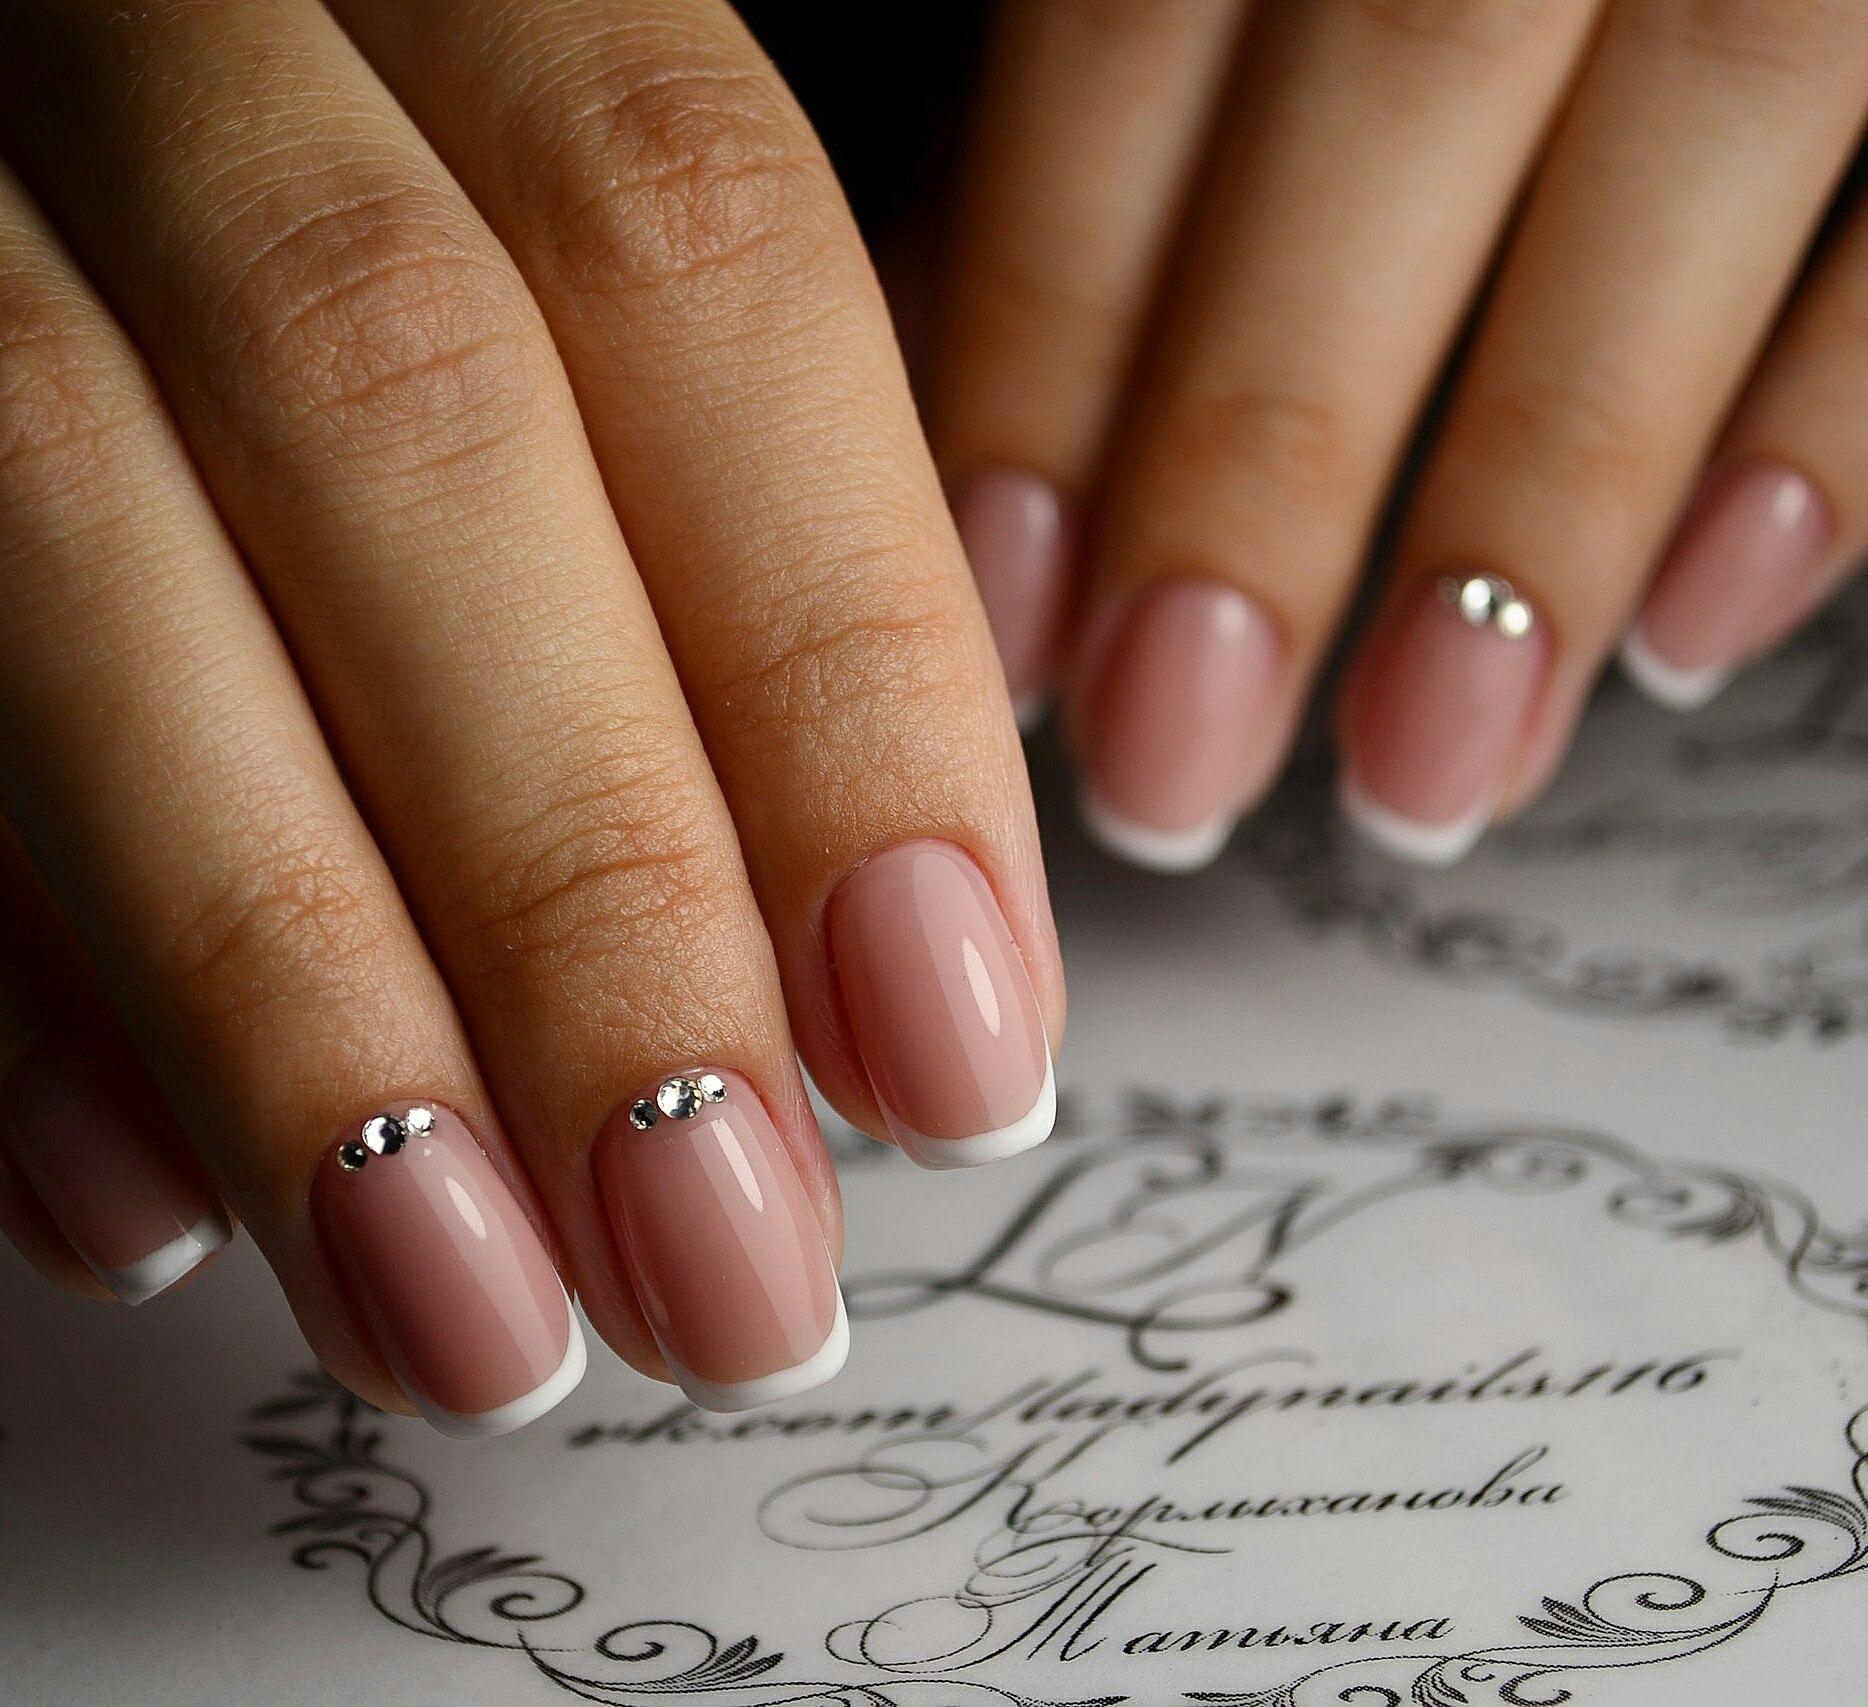 Дизайн ногтей в бежевых тонах с френчем фото